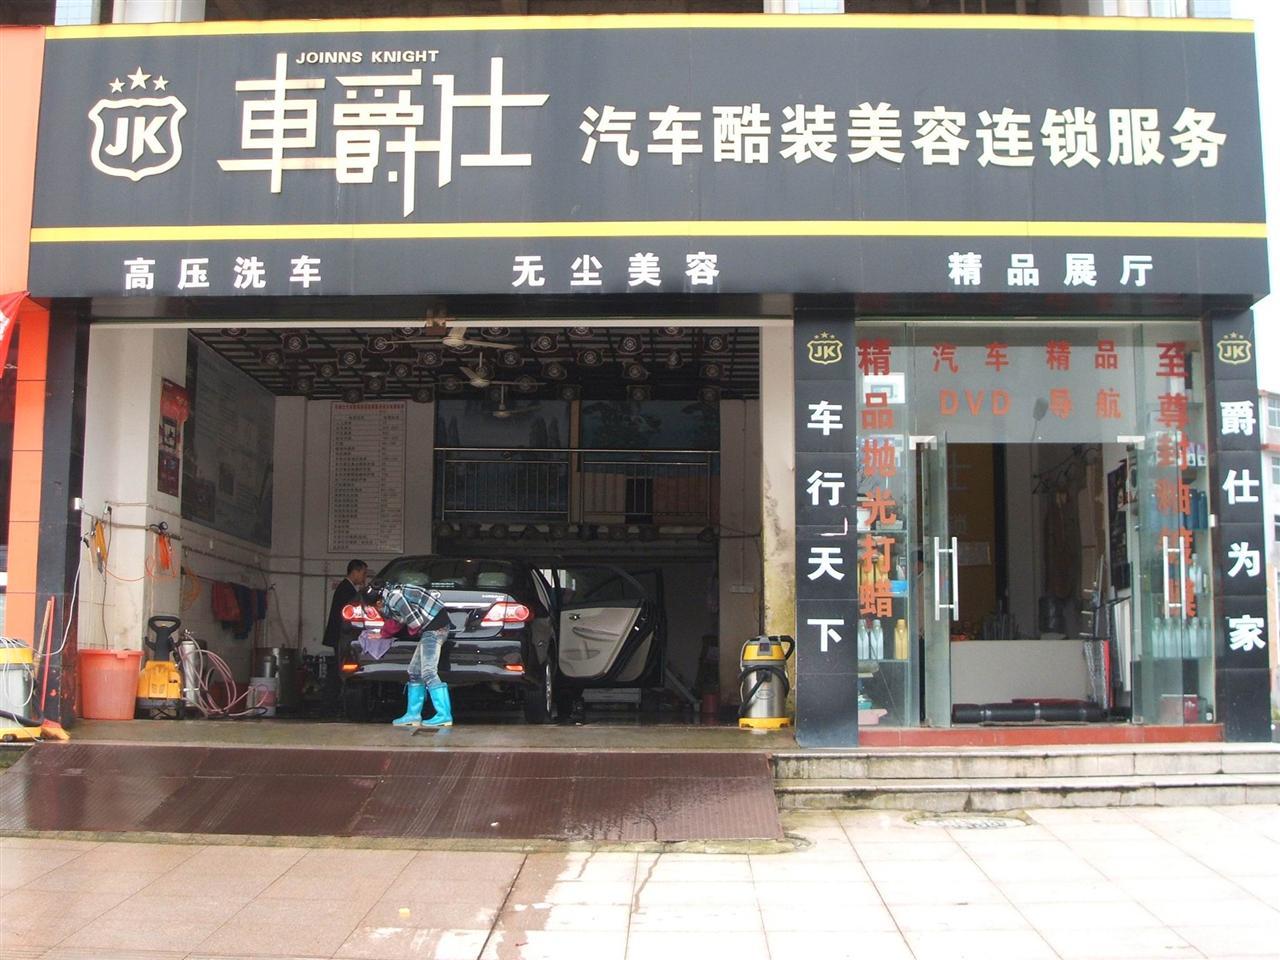 汽车美容店名字大全 - 豆丁网